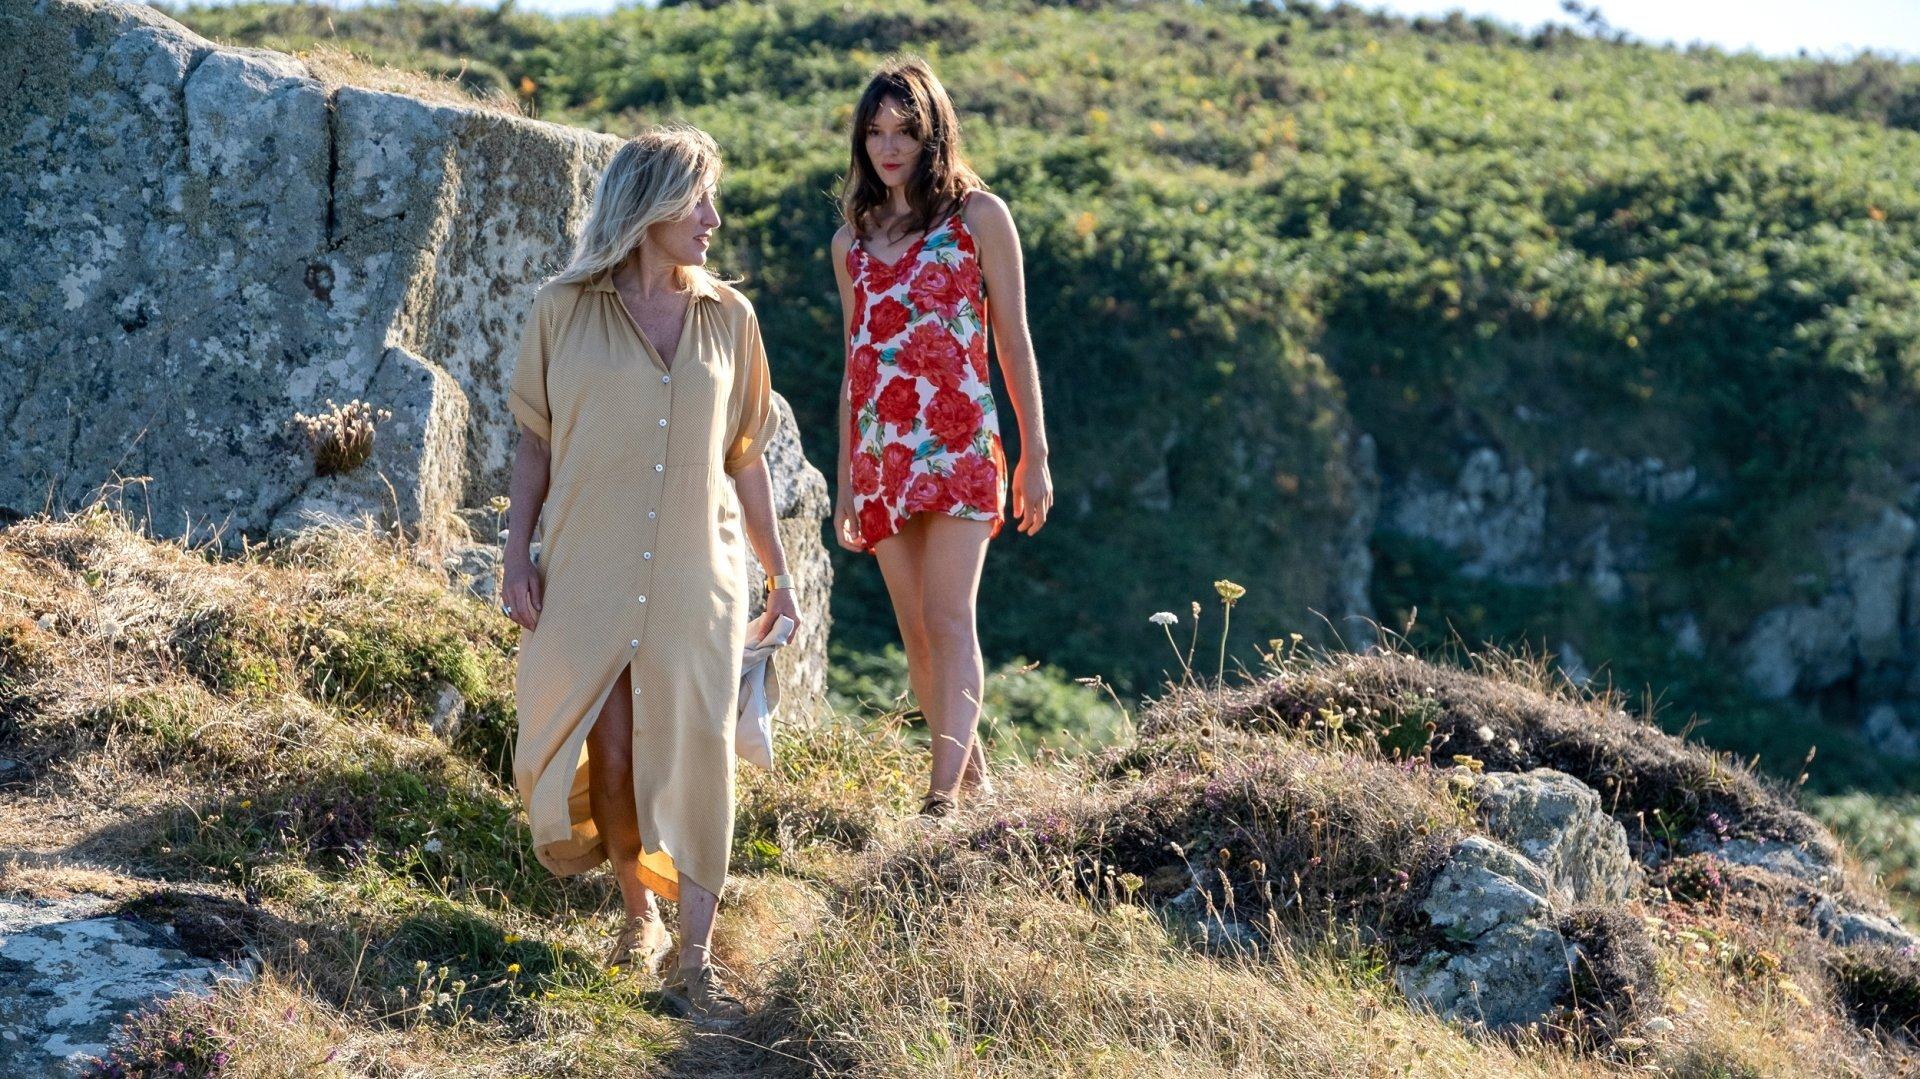 La jeune Anaïs (Anaïs Demoustier) est attirée par Emilie (Valeria Bruni Tedeschi), une romancière charismatique…